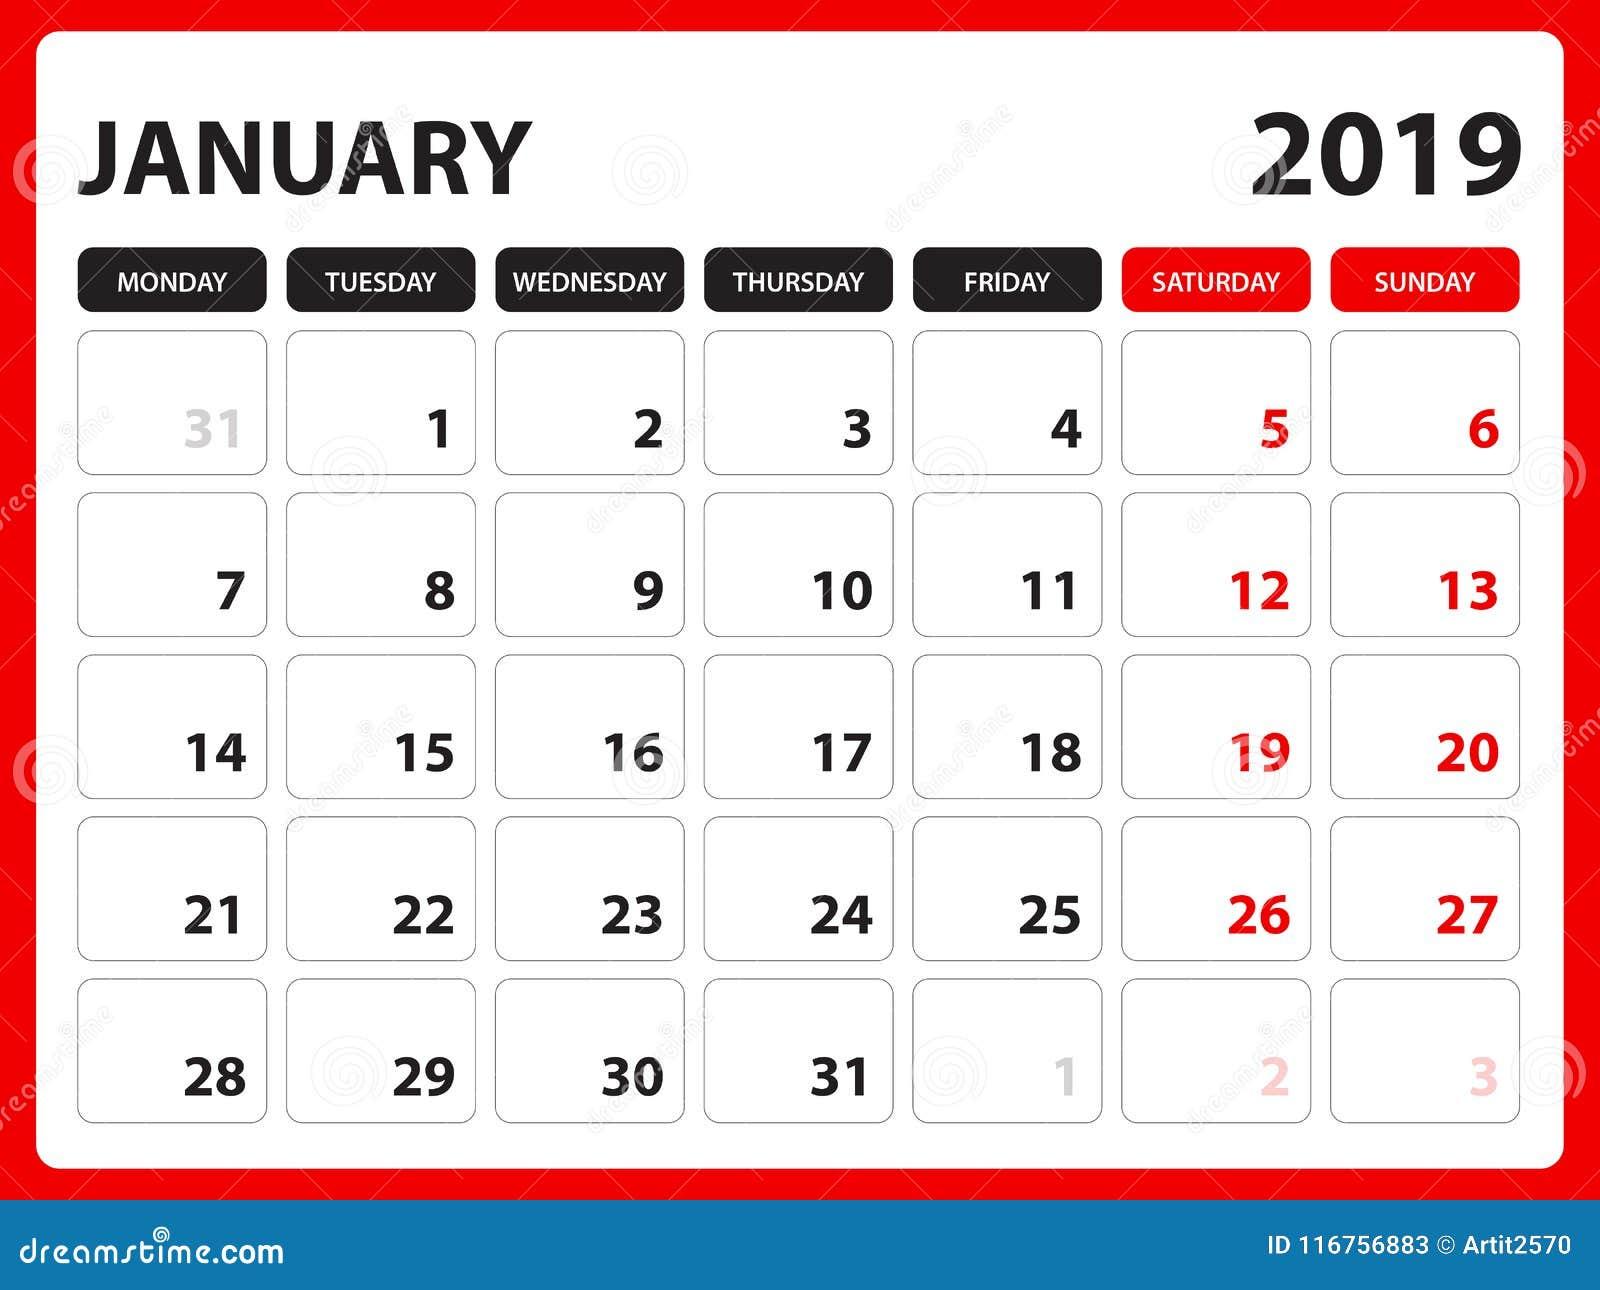 Настольный календарь для шаблона января 2019, Printable календаря, шаблона дизайна плановика, недели начинает в воскресенье, диза